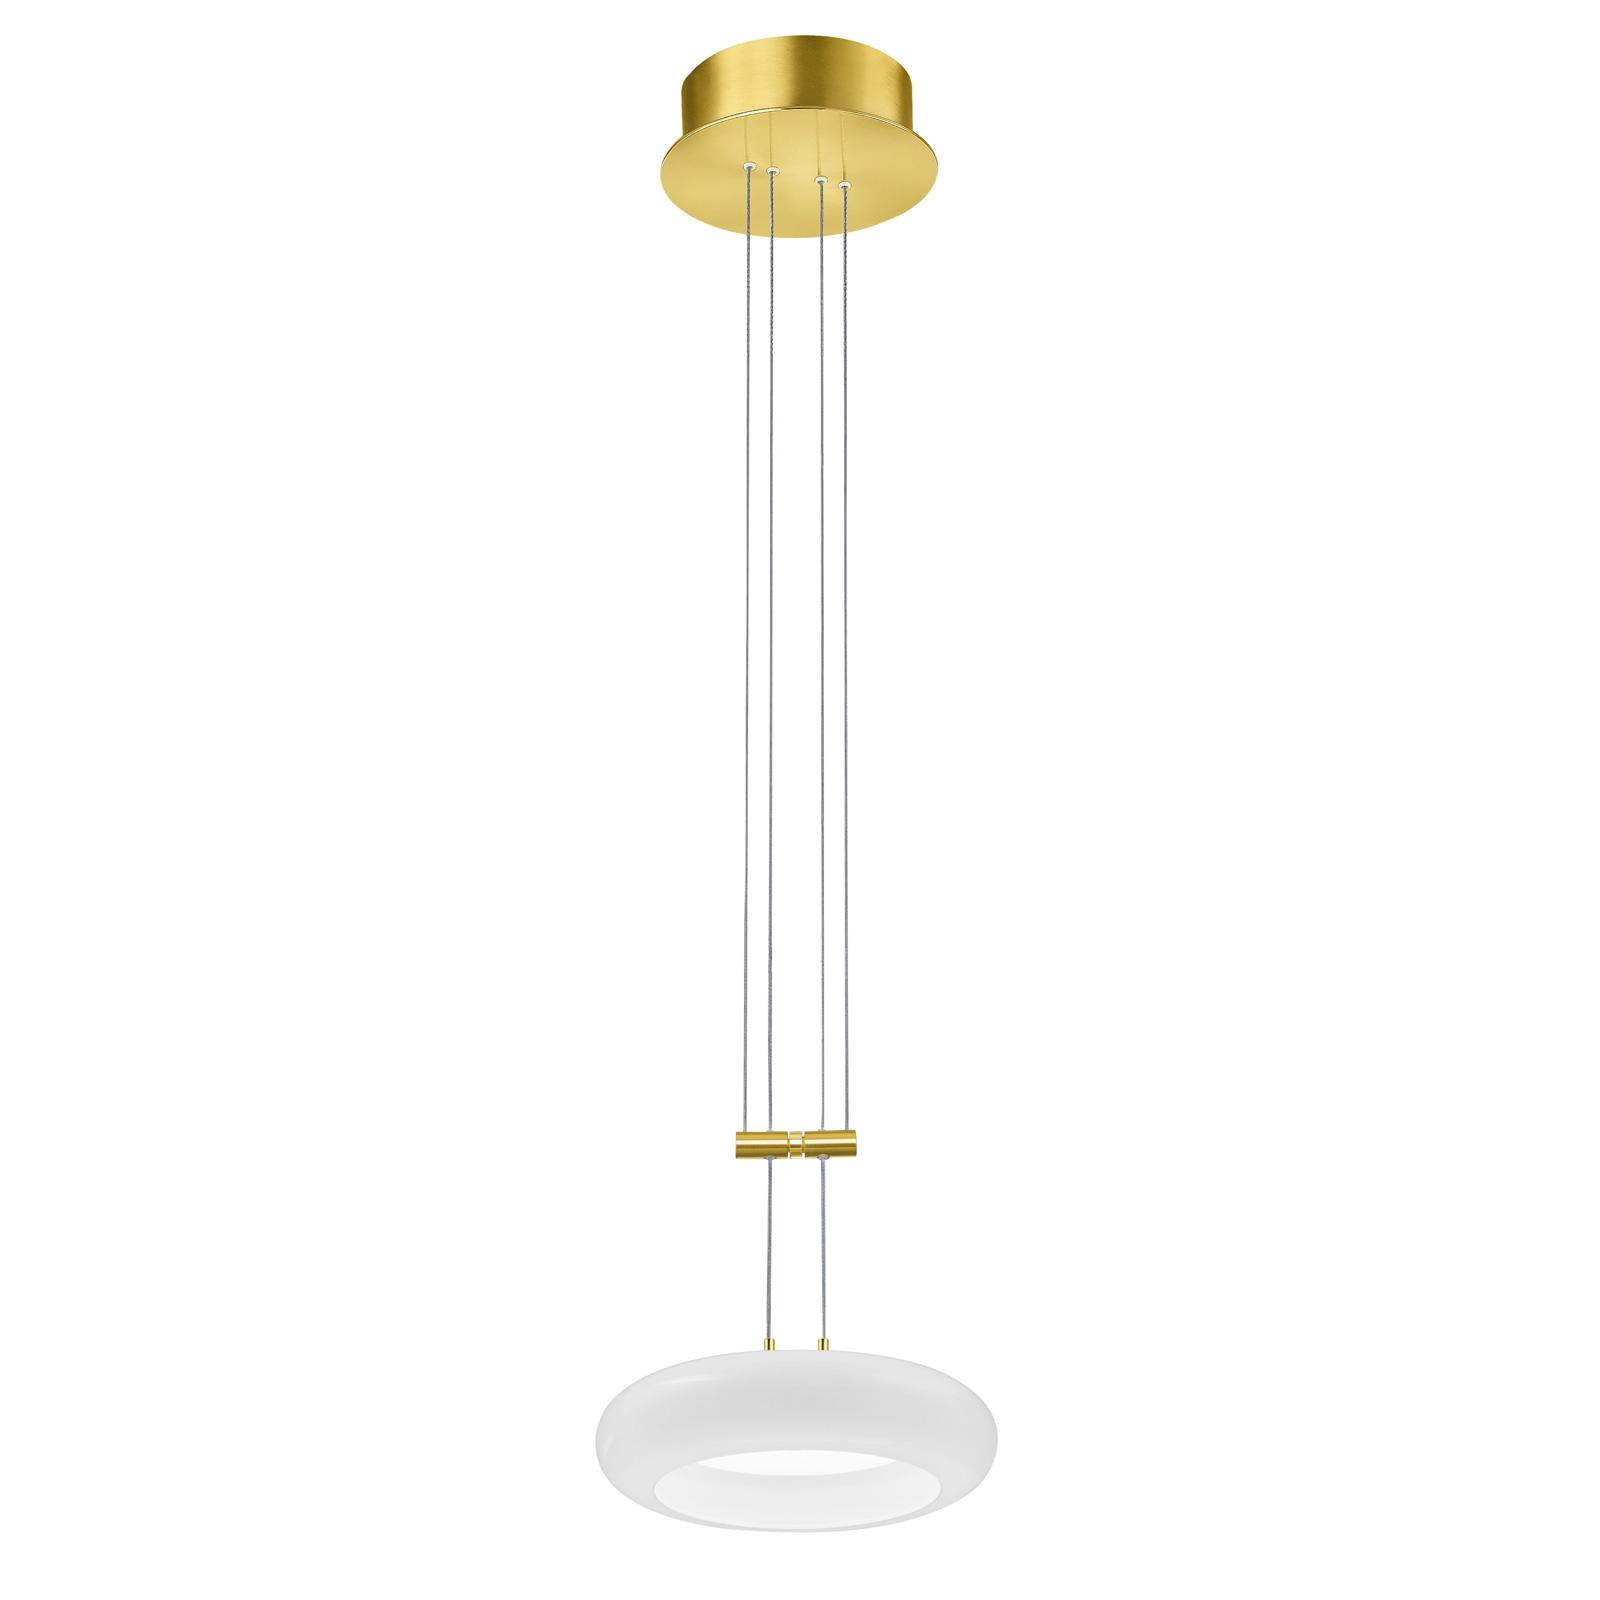 BANKAMP Centa suspension à 1 lampe 20cm laiton